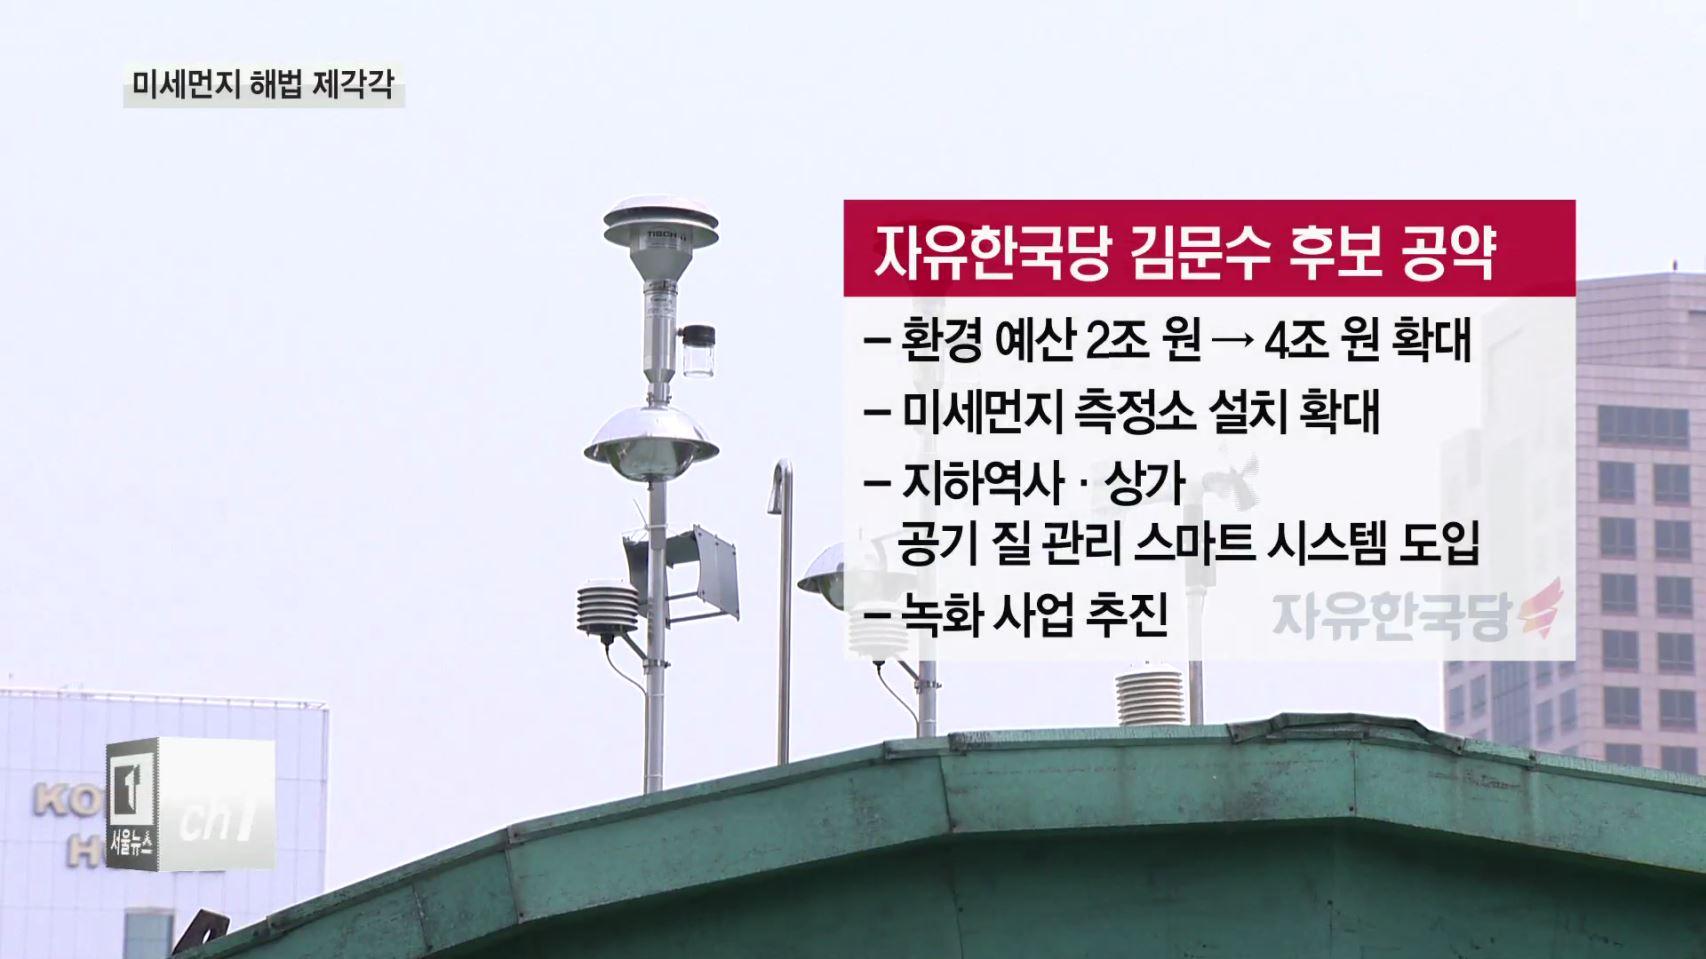 """[티브로드]&<서울&>""""미세먼지 줄이겠다""""...서울시장 후보들의 공약은?"""